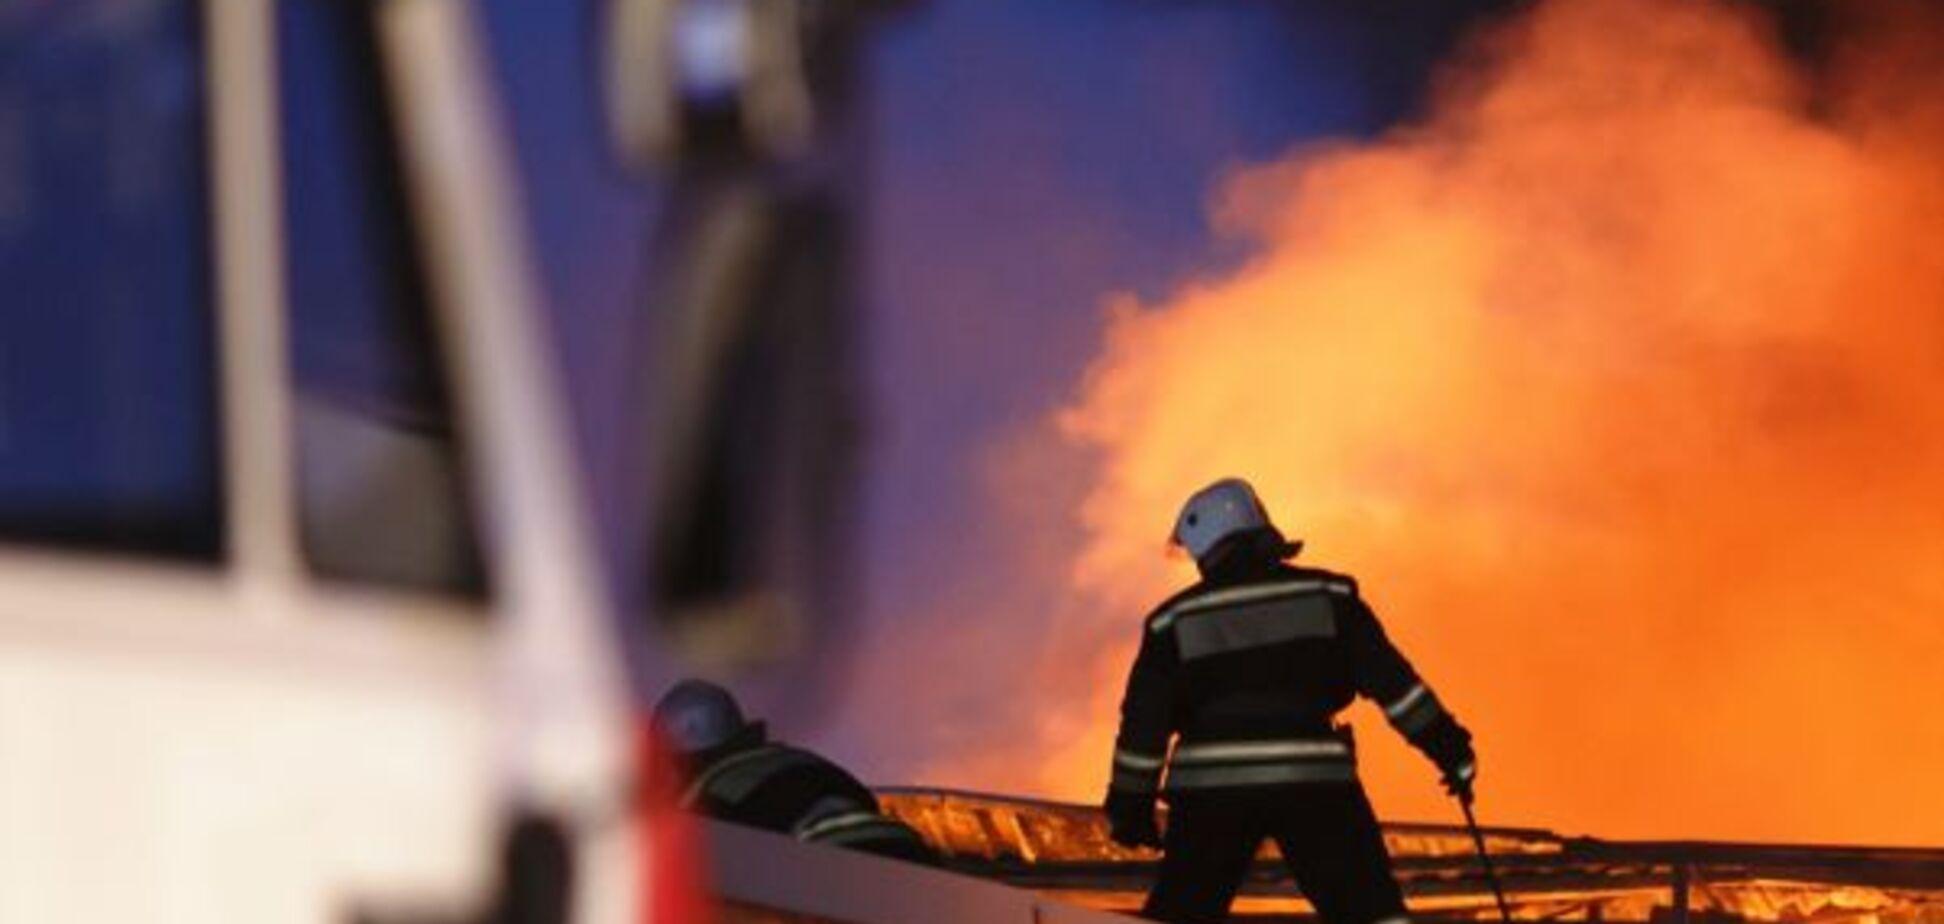 На Днепропетровщине из пожара в многоэтажке спасли мужчину. Фото с места ЧП